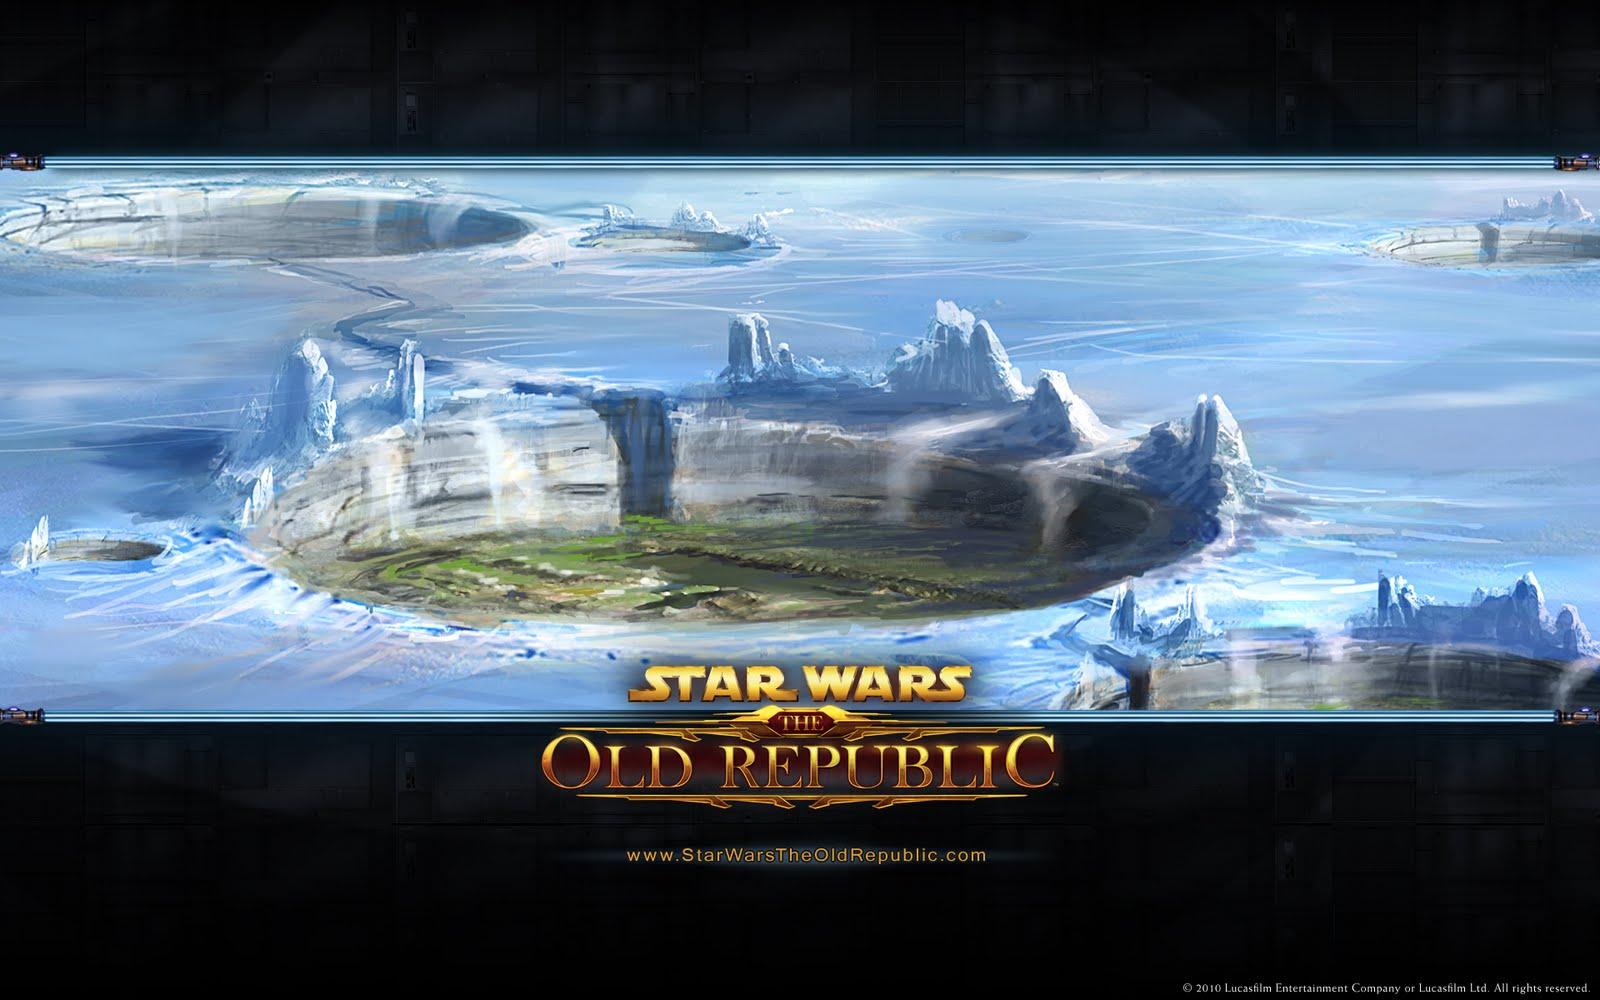 Star Wars Old Republic Wallpaper: Star Wars: The Old Republic Wallpaper Collection I